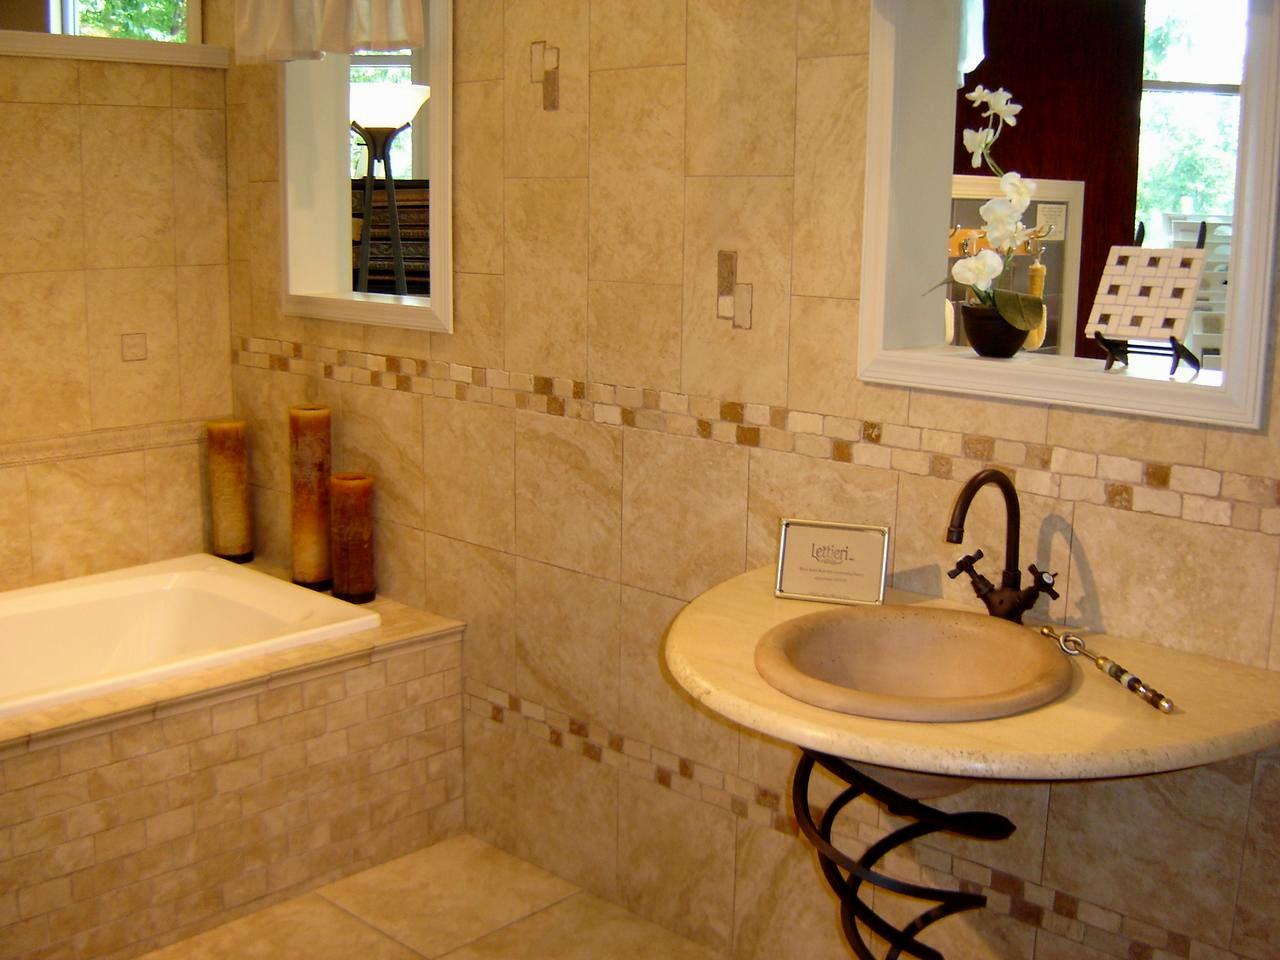 incredible walmart bathroom vanity layout-Amazing Walmart Bathroom Vanity Layout